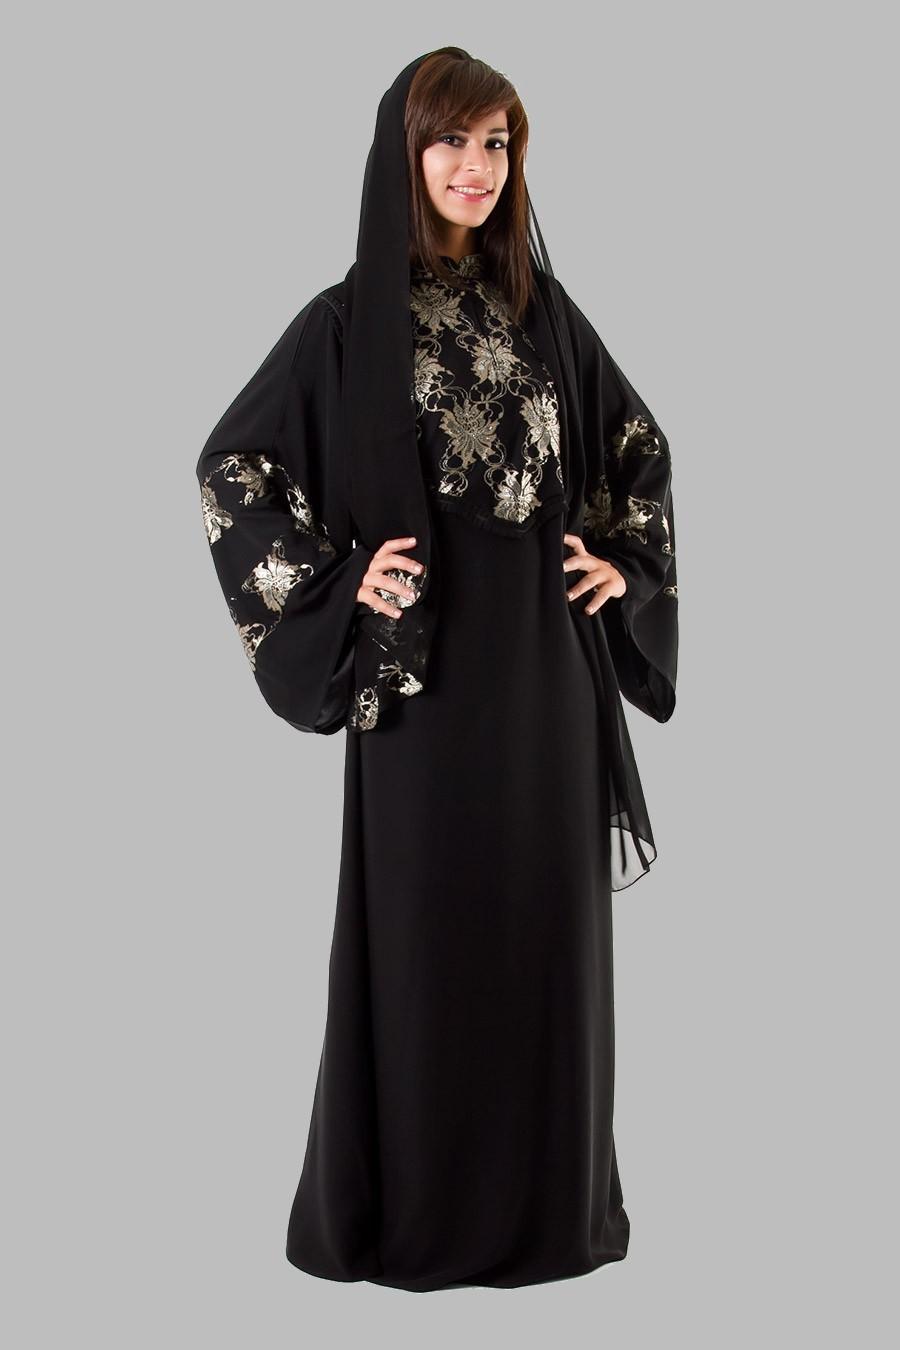 بالصور عبايات سوداء كاجوال , عبايات بلون اسود عملية جدا و على الموضة 1288 2